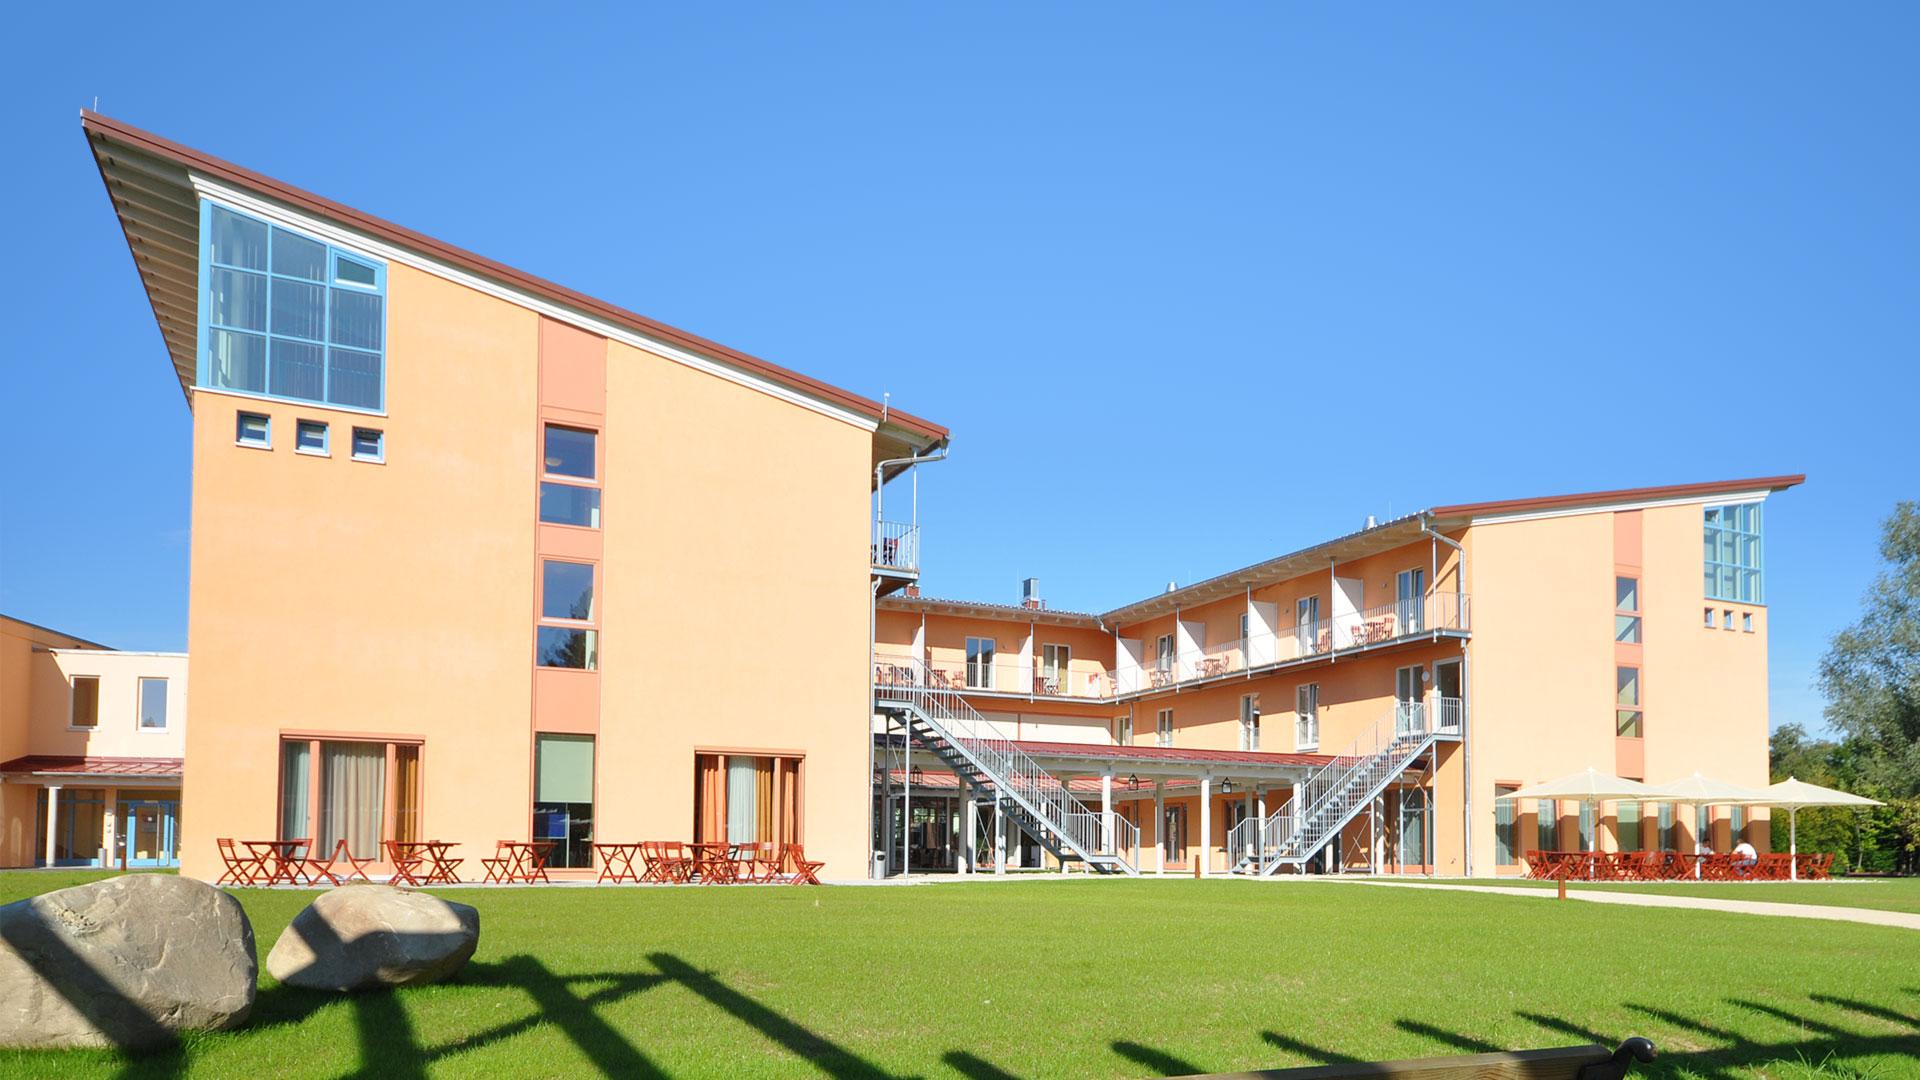 Das Schul- und Internatsgebäude